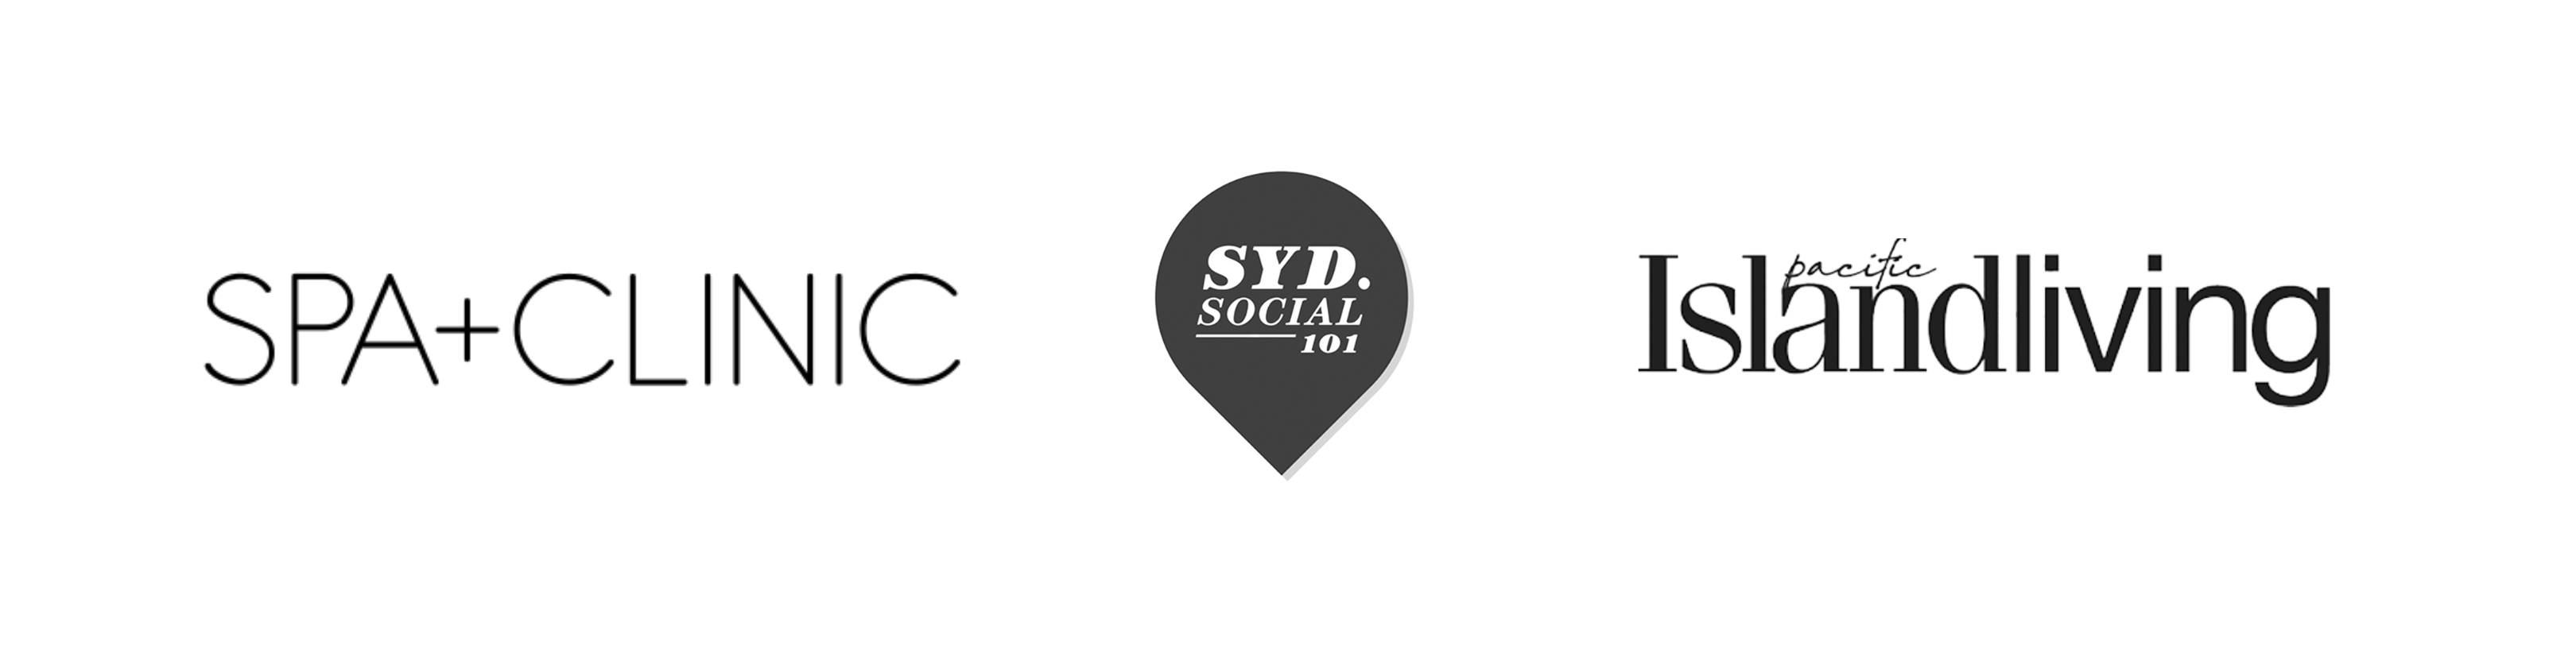 Spa + Clinic icon